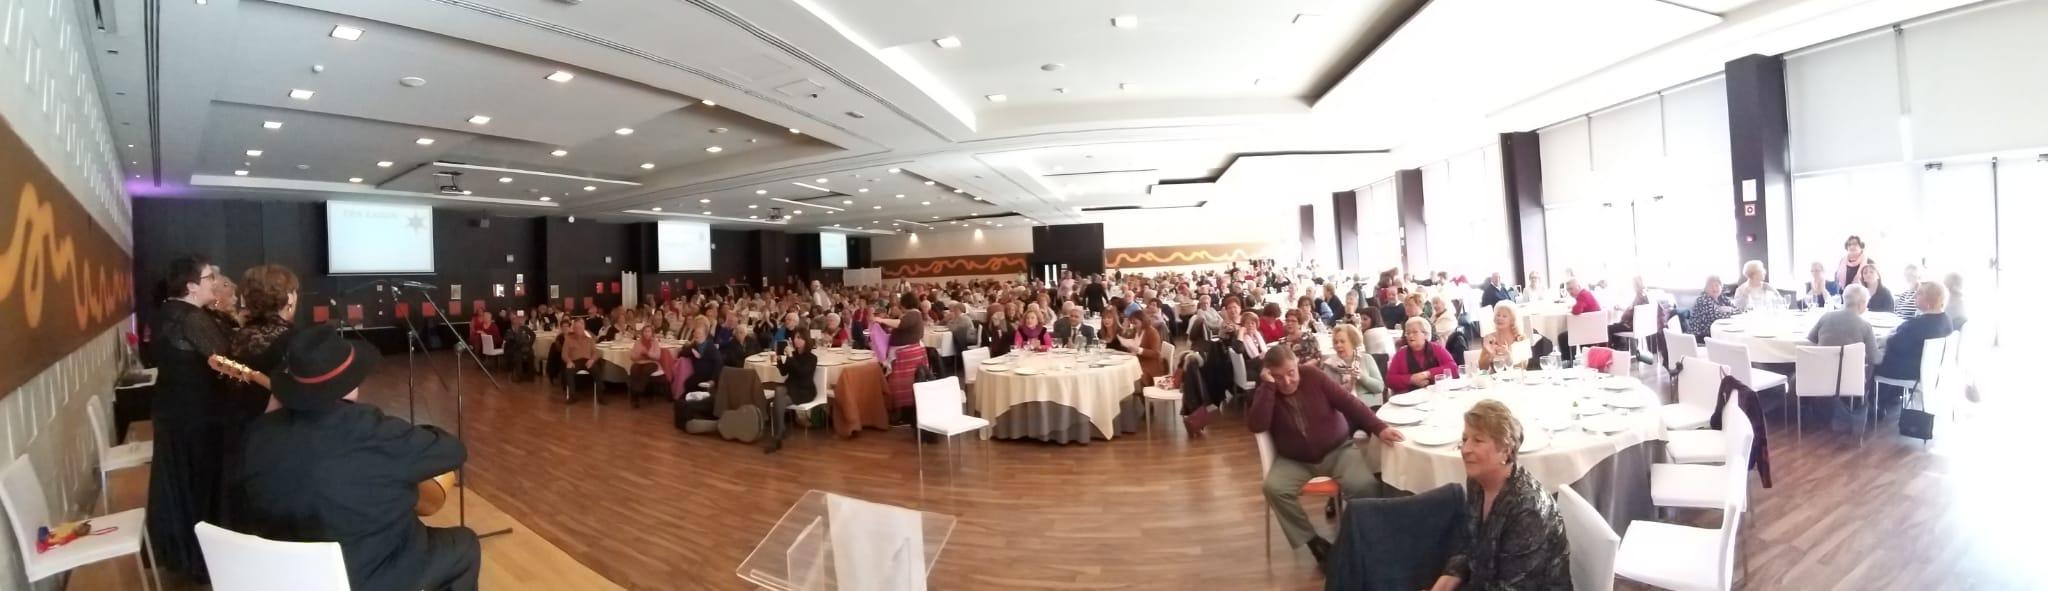 900 mayores participan en un encuentro navideño